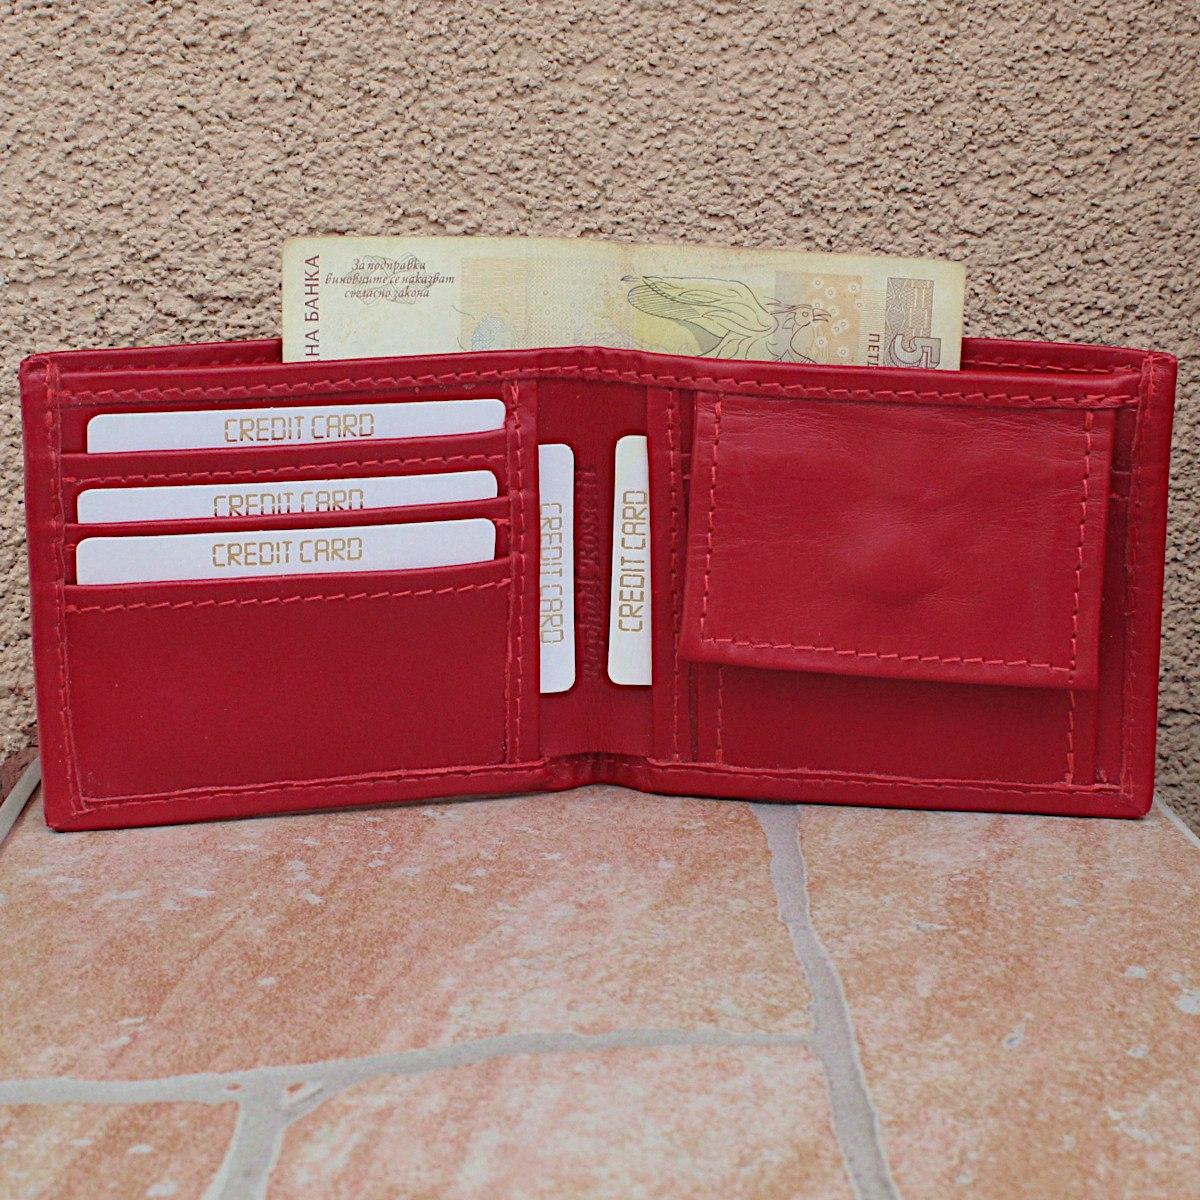 ръчно изработен червен кожен портфейл с логото на цска - карти